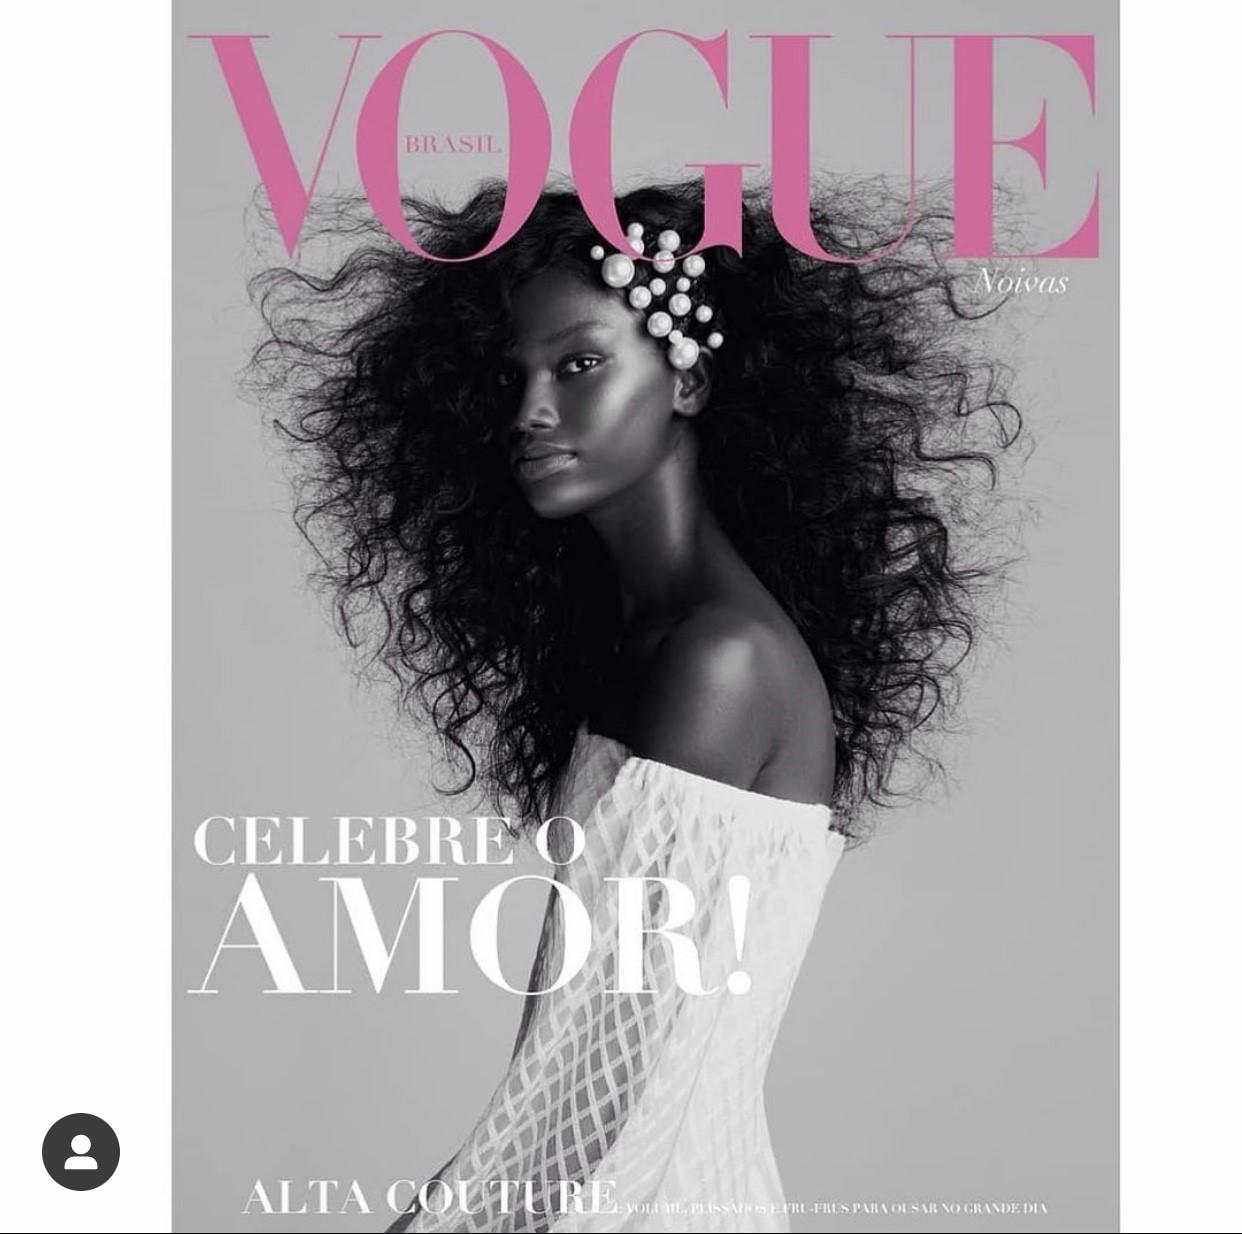 Zana Santos, 20 anos. Ex-marisqueira, não pensava em ser modelo. Lançada no AFD 2018, foi capa da revista Vogue internacional (foto), desfilou no São Paulo Fashion Week e vai morar nos EUA em 2021.